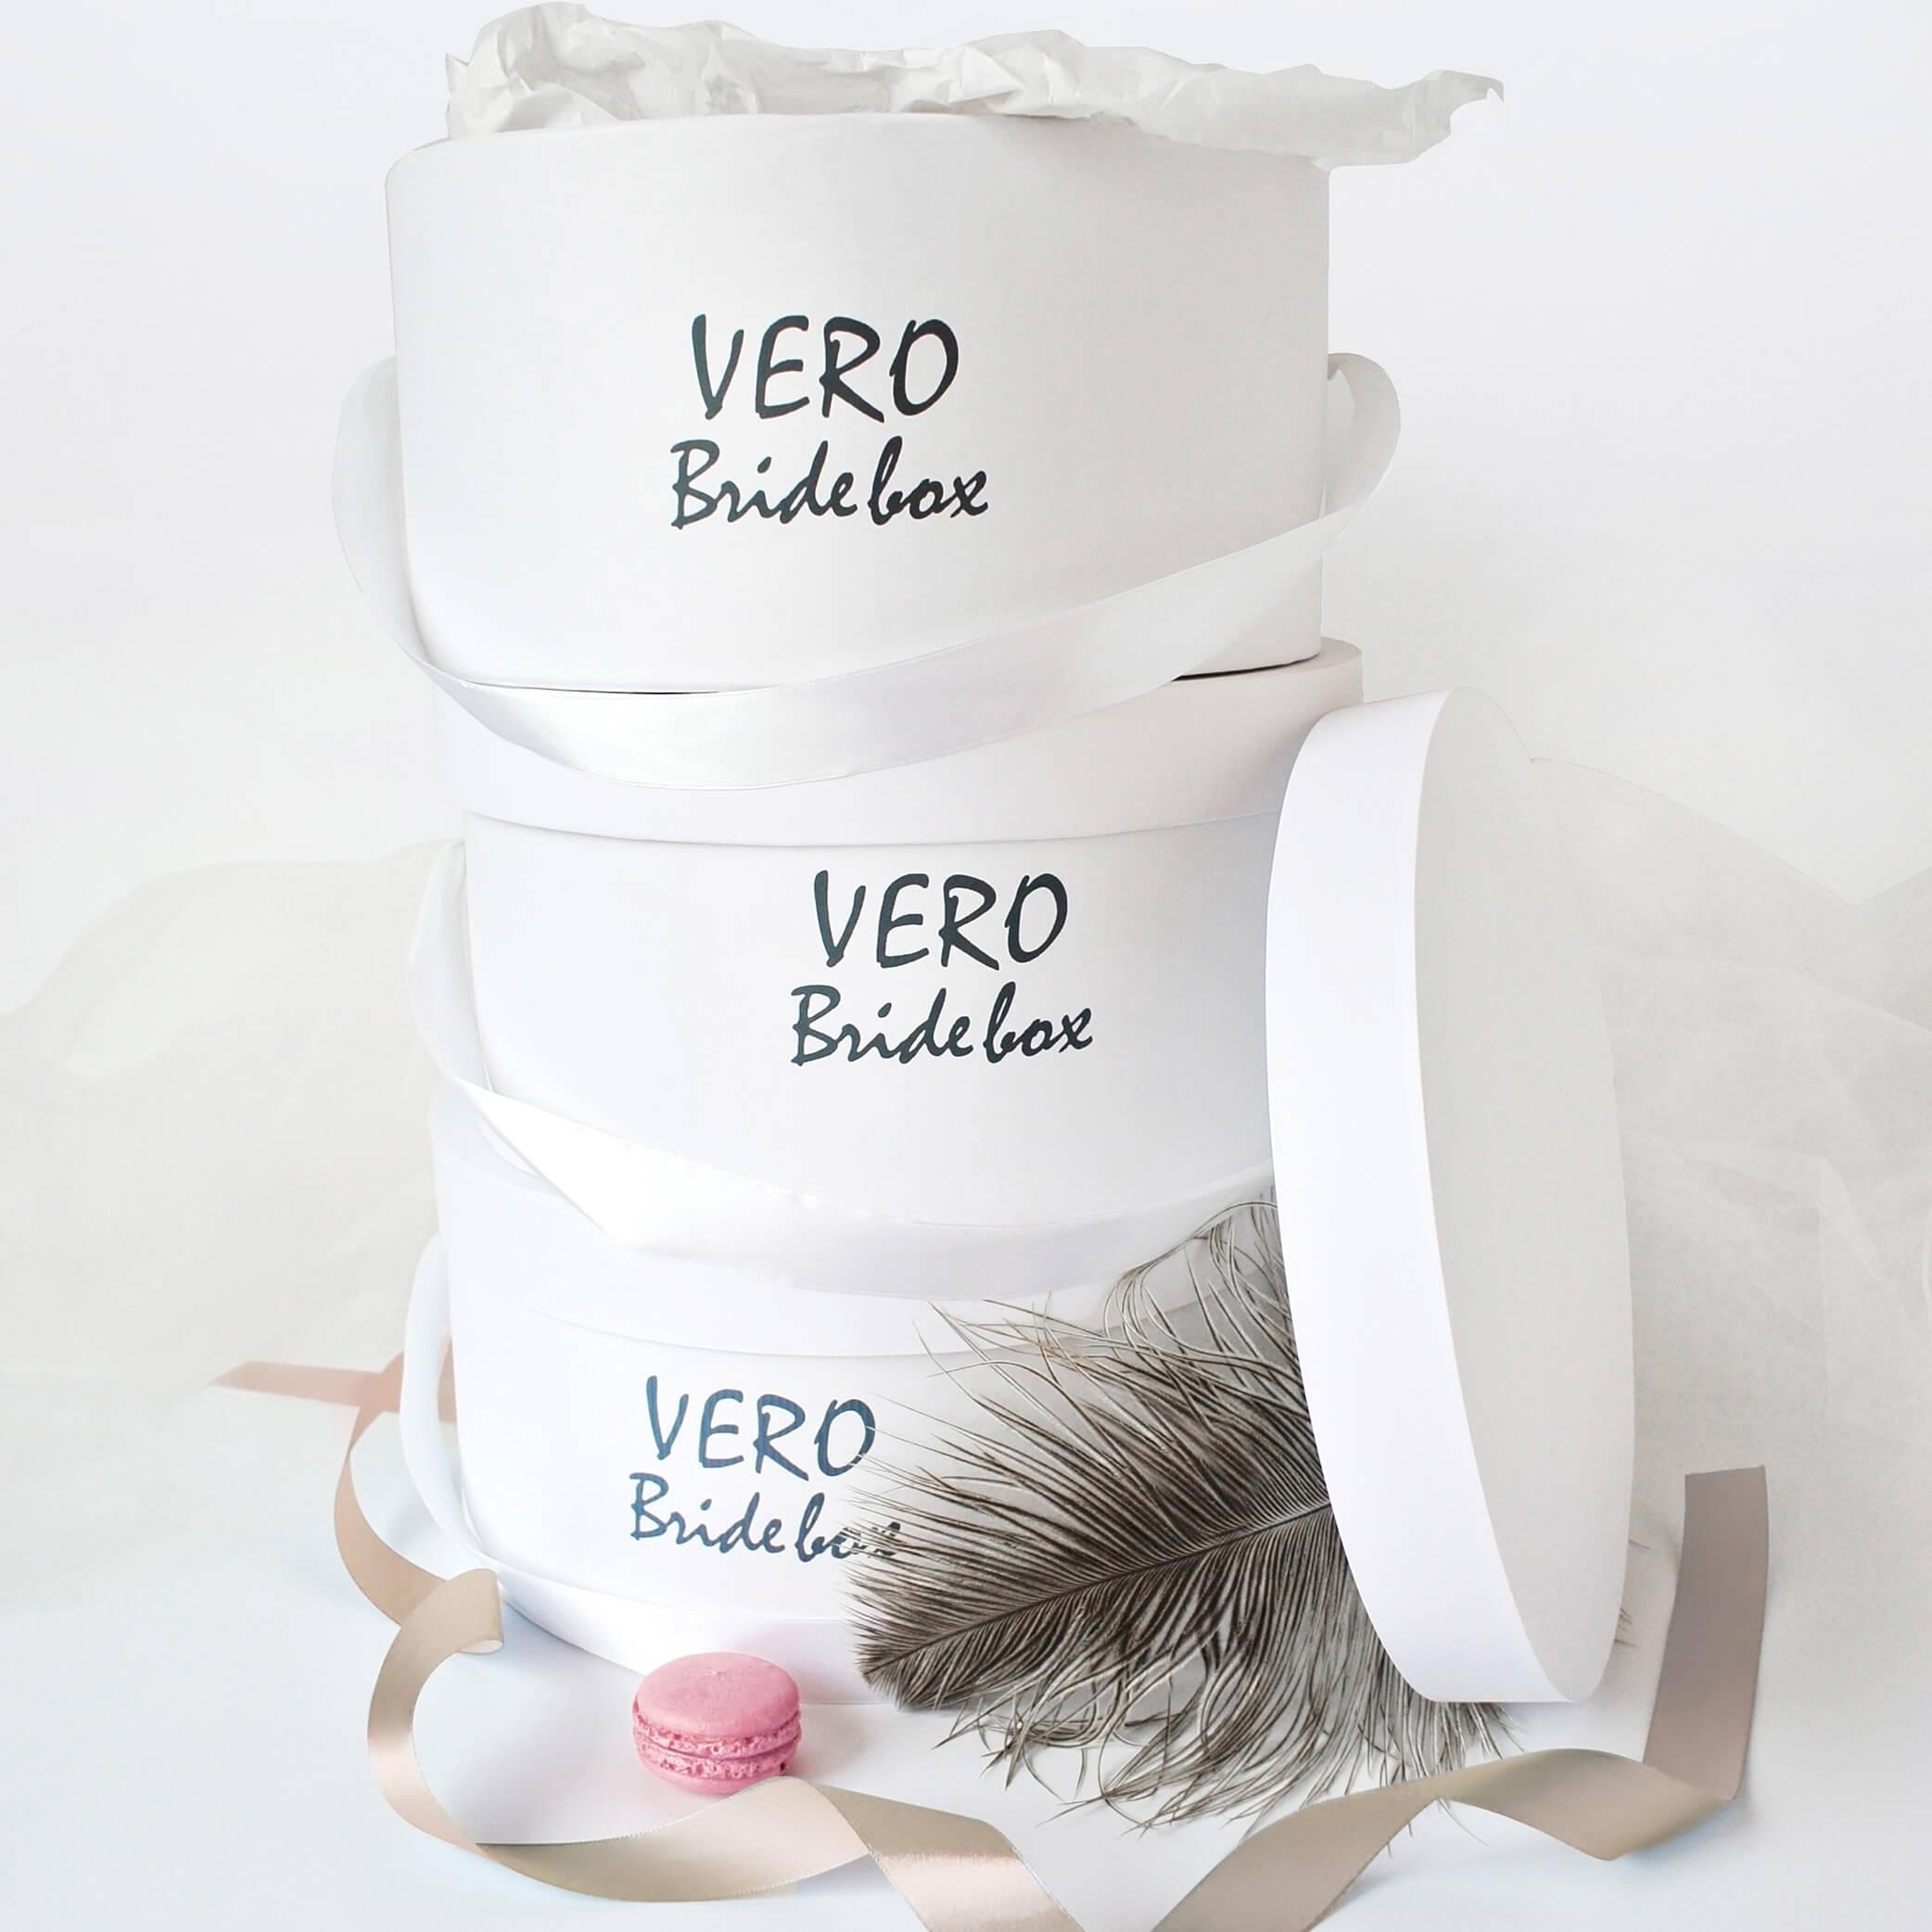 VERO Bride box | Vero